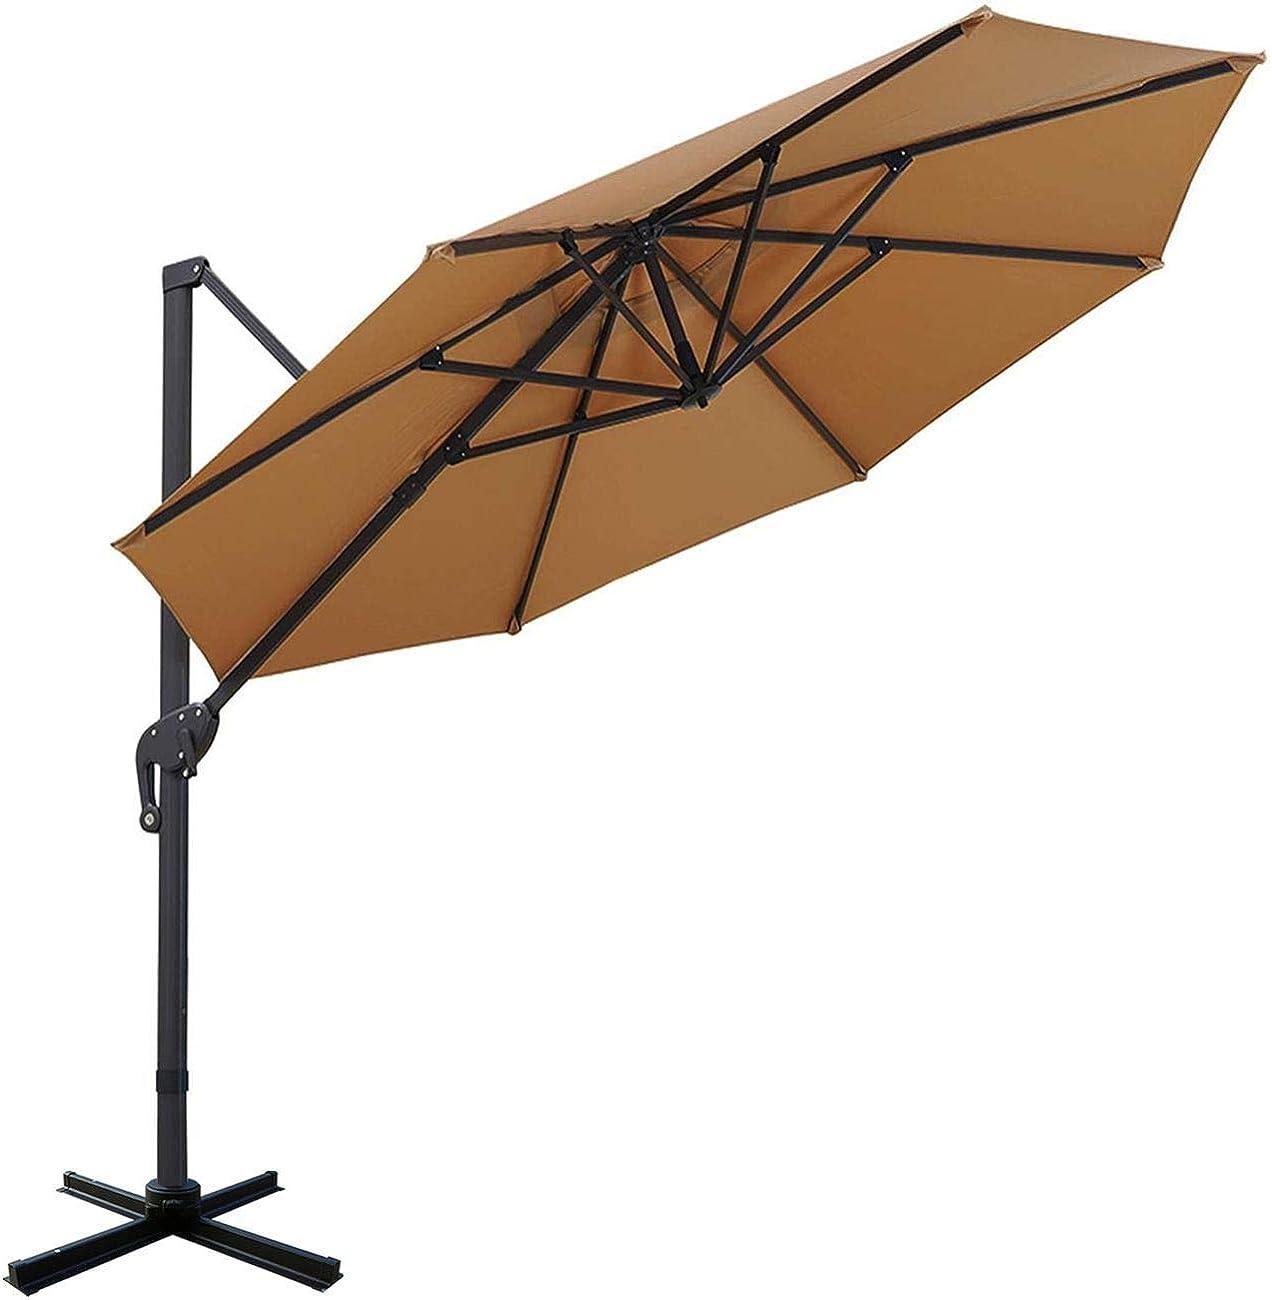 Sunnyglade 11ft Patio Offset Hanging Umbrella Deluxe Outdoor Cantilever Umbrella with Easy Tilt for Garden, Backyard, Patio,Pool